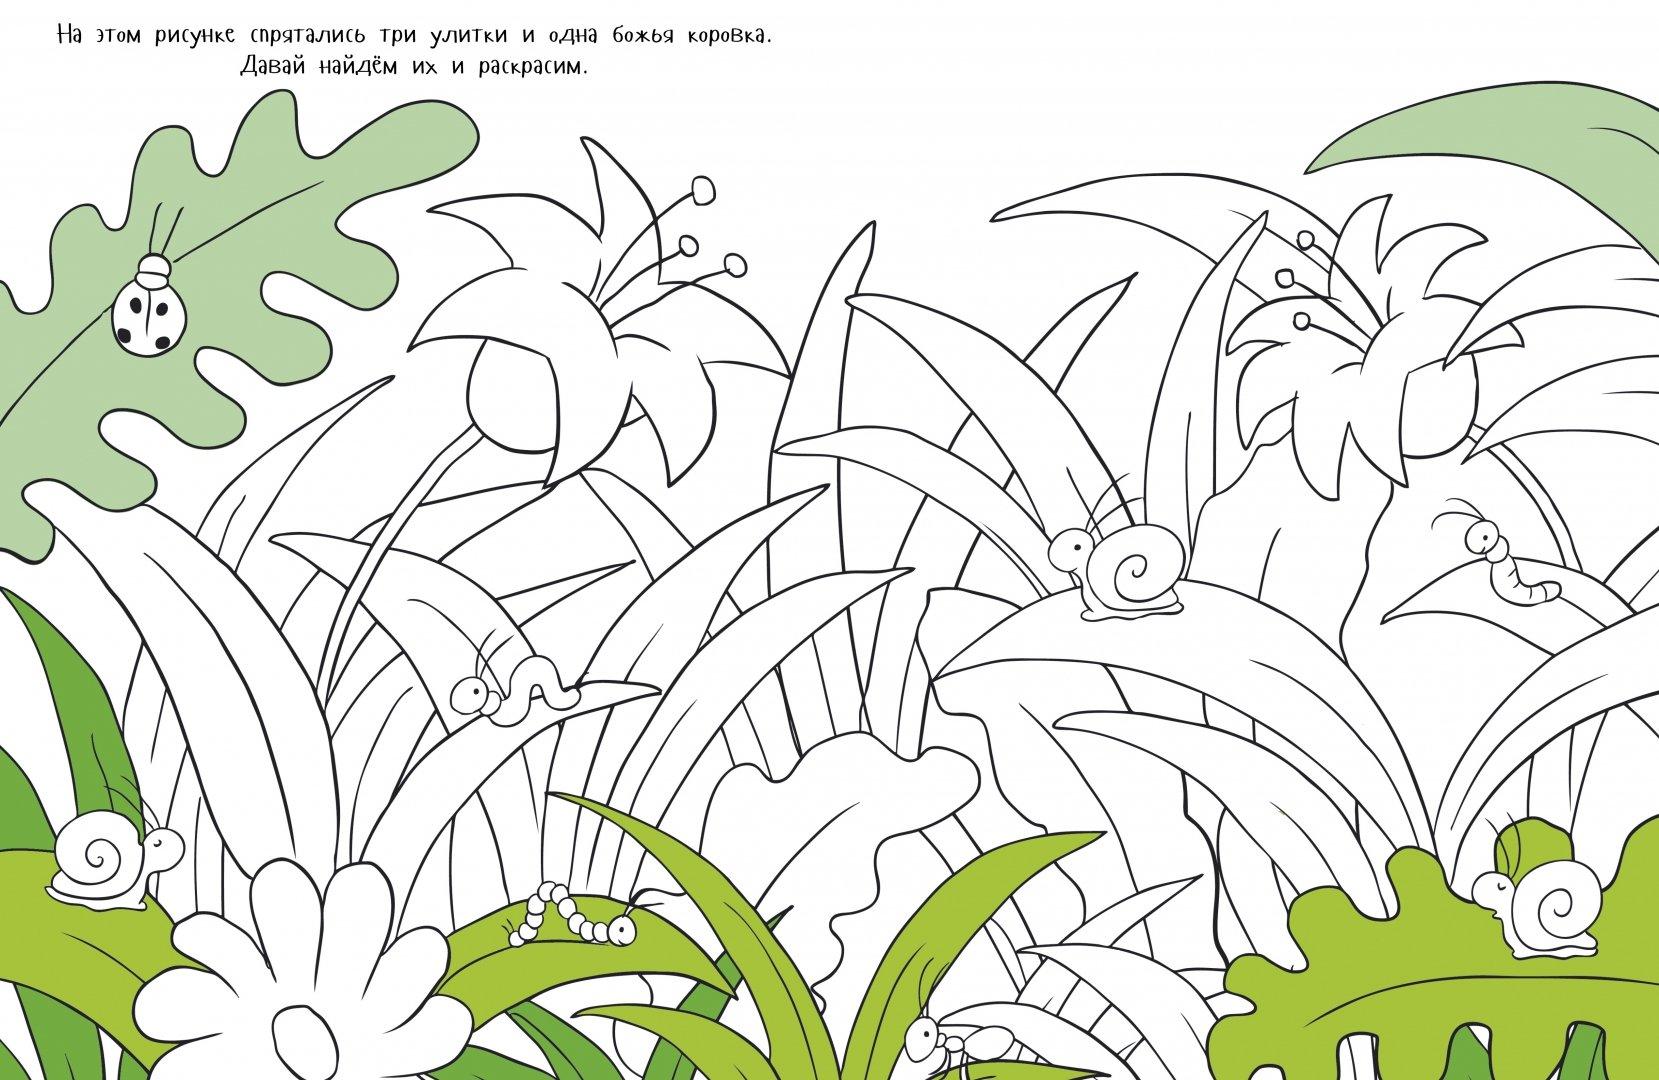 Иллюстрация 1 из 6 для Где прячется зебра? - Татьяна Покидаева | Лабиринт - книги. Источник: Лабиринт